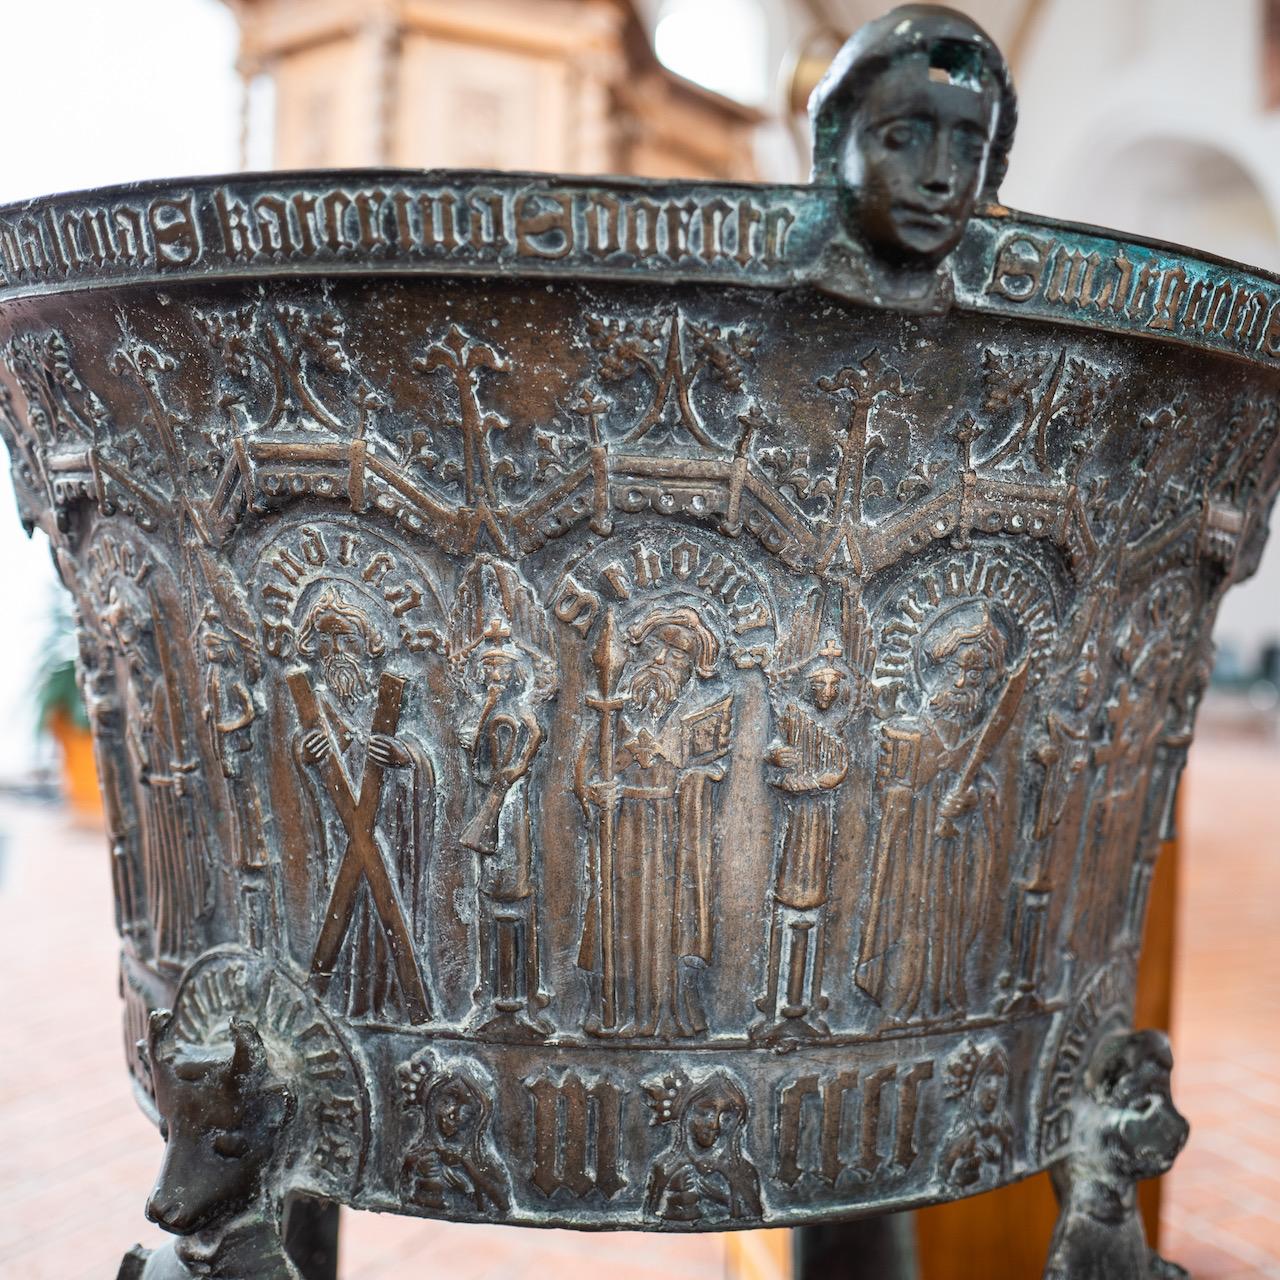 """Taufbecken (Hinrich Klinghe, 1469), Detail mit den Aposteln Andreas, Thomas und Bartholomäus, musizierenden Engeln und drei """"törichten Jungfrauen"""""""